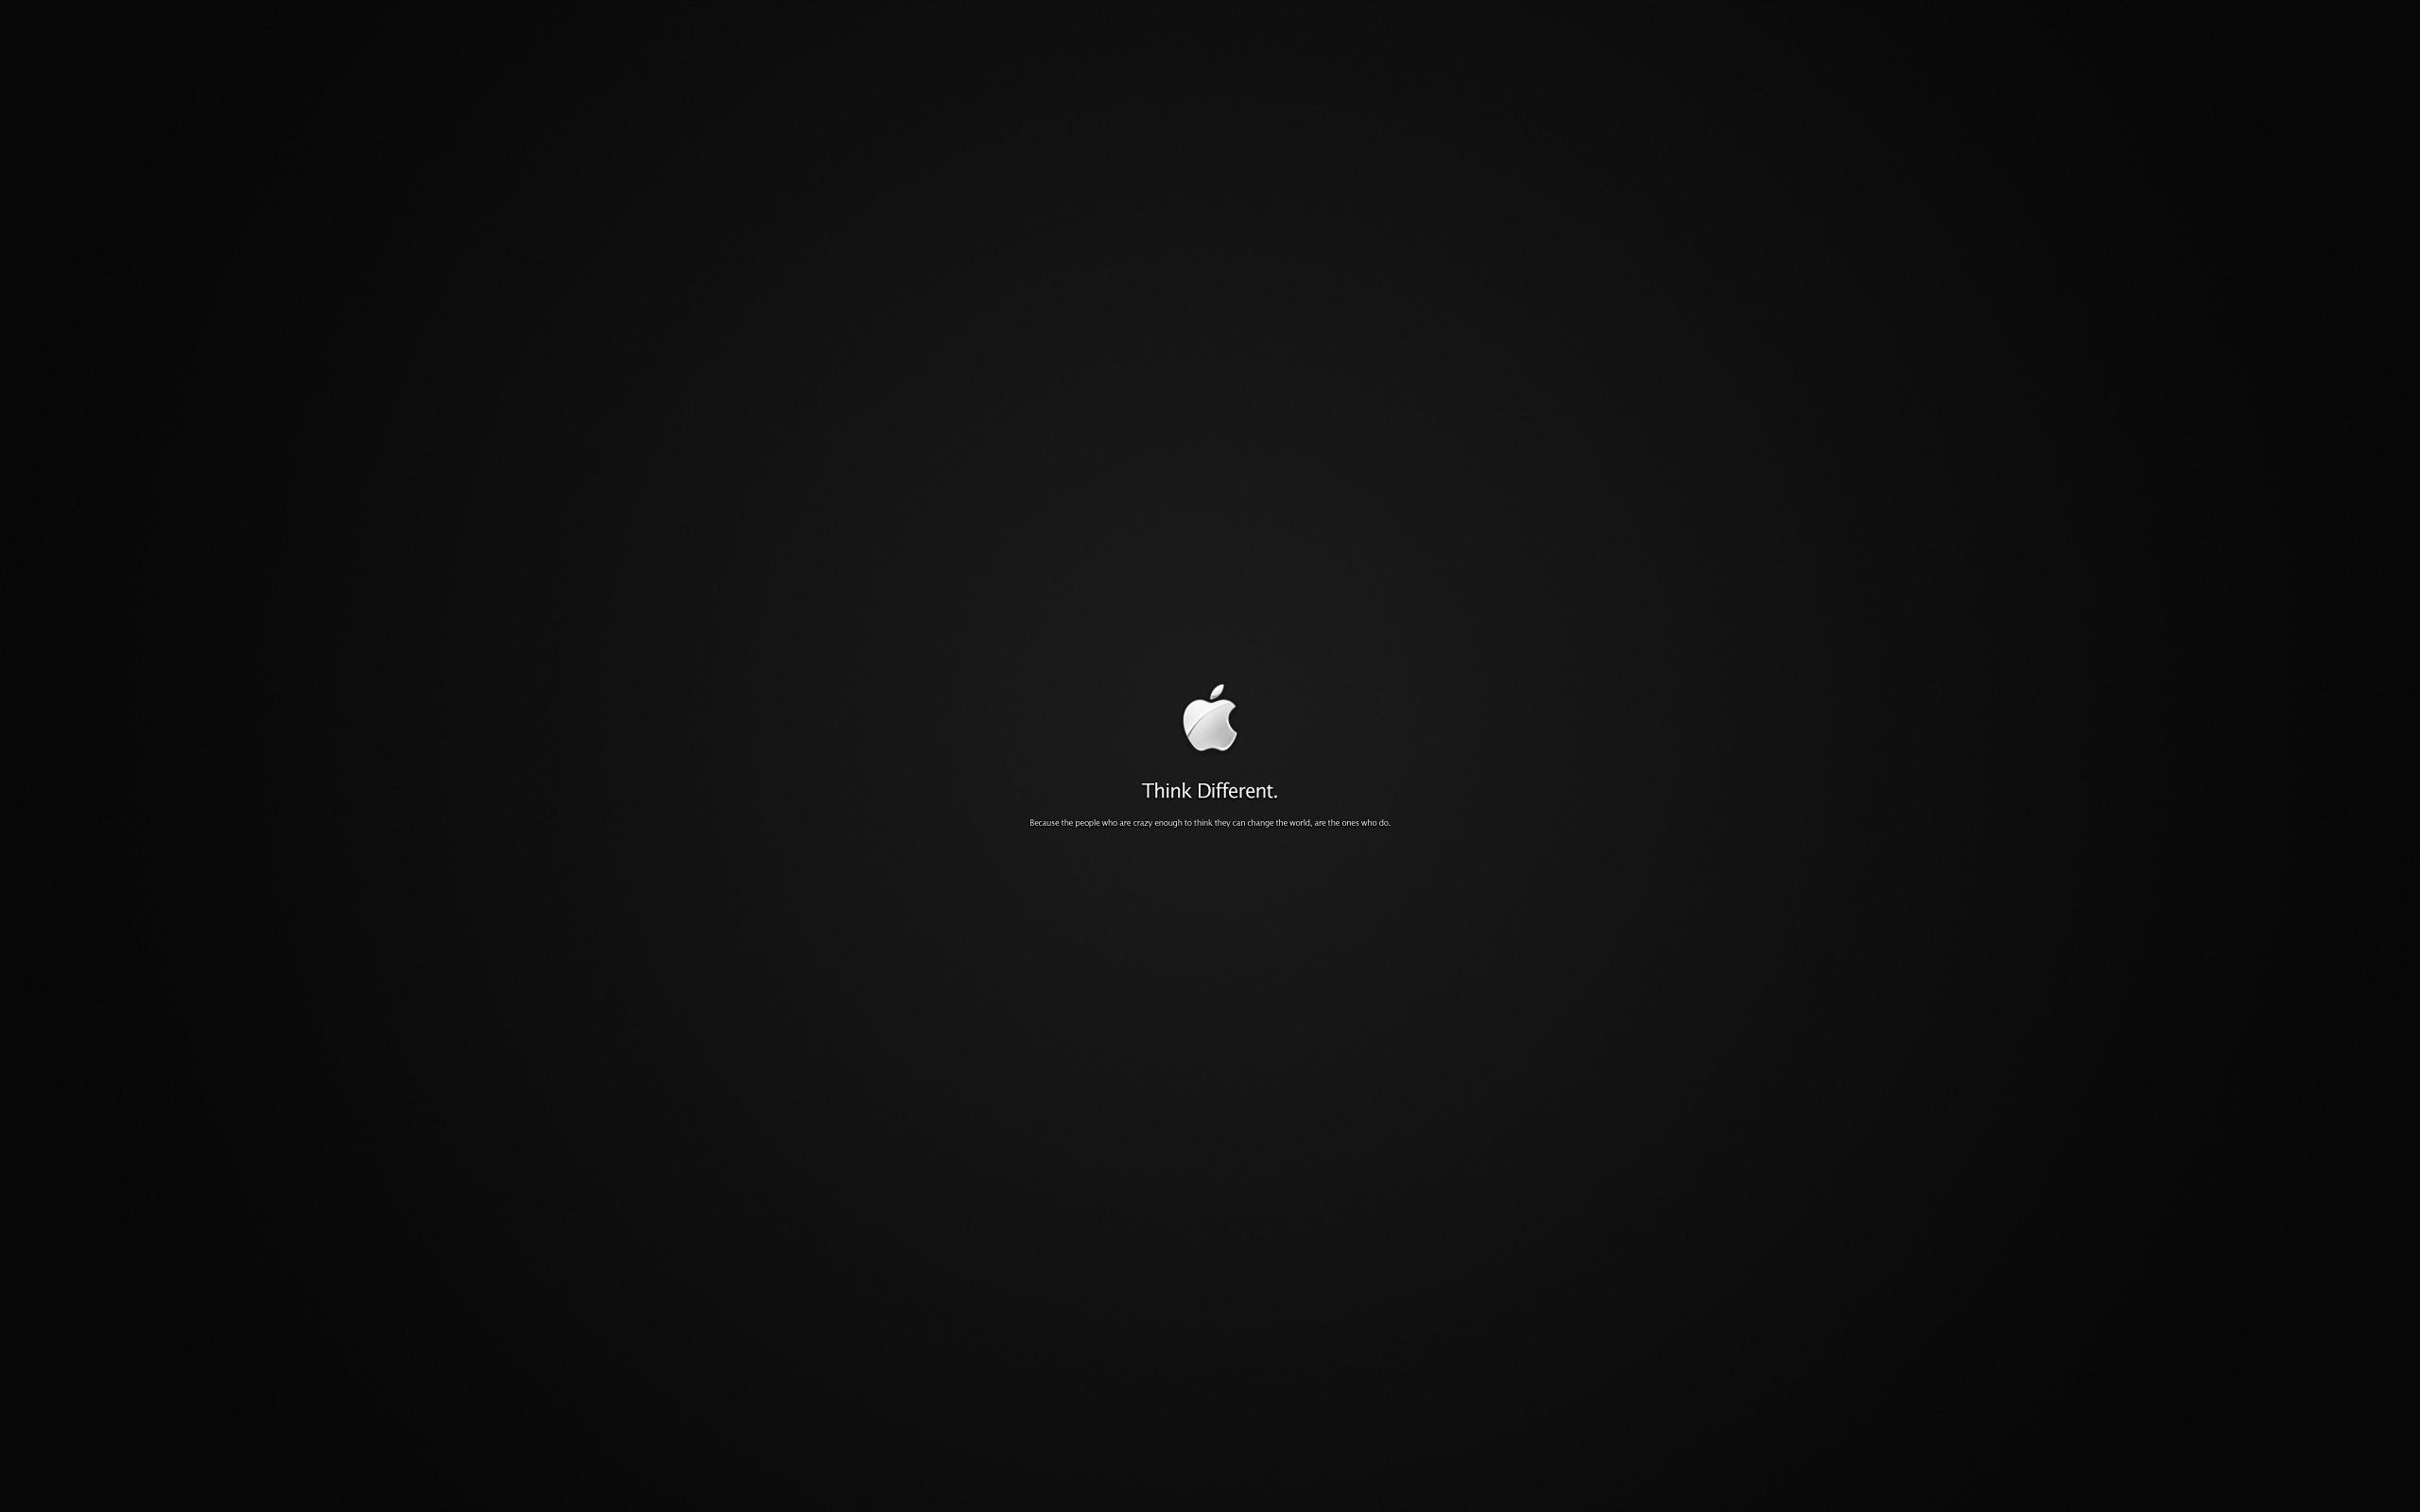 Фото apple обои